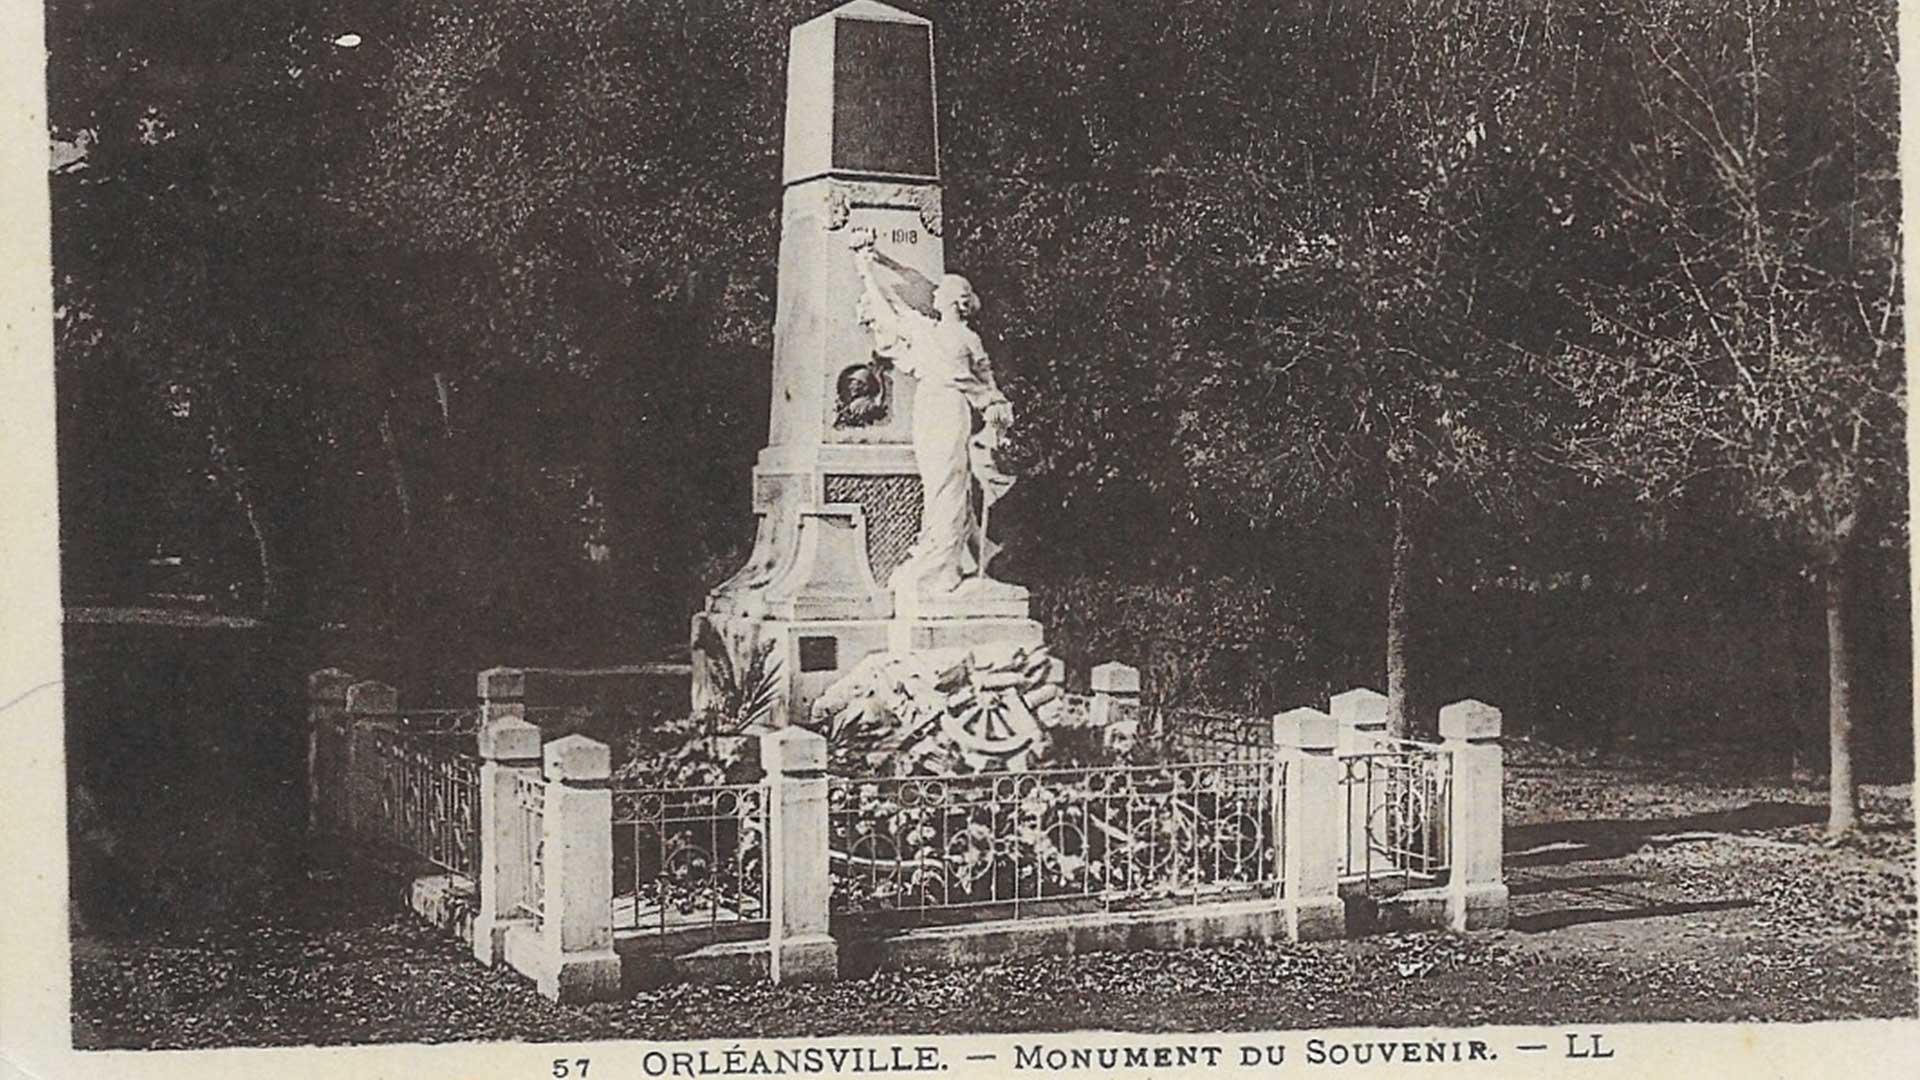 Orleansville-monuments-au-souvenir